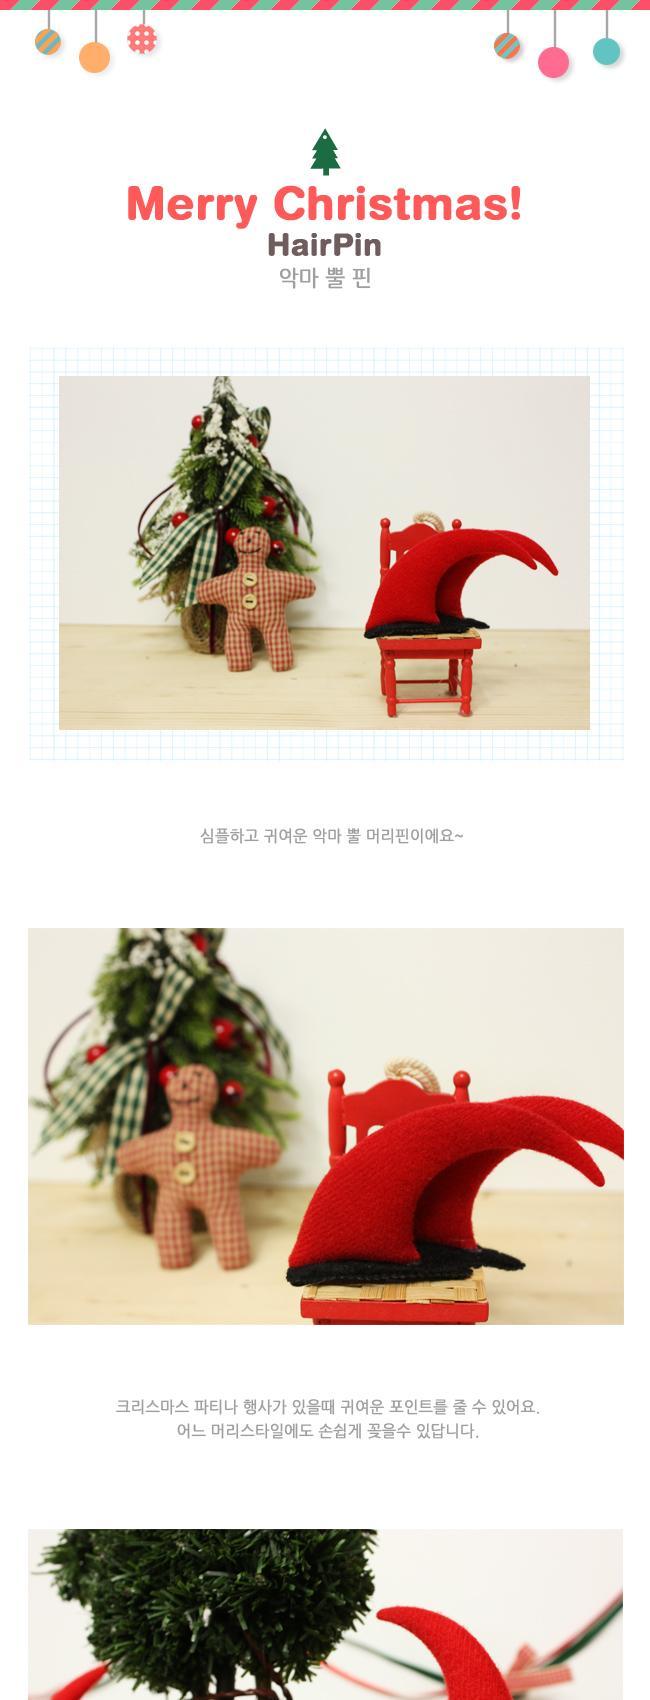 크리스마스파티소품 머리삔(악마뿔) 크리스마스뿔 크 크리스마스뿔 크라스마스파티 파티악마뿔 악마뿔 파티머리삔